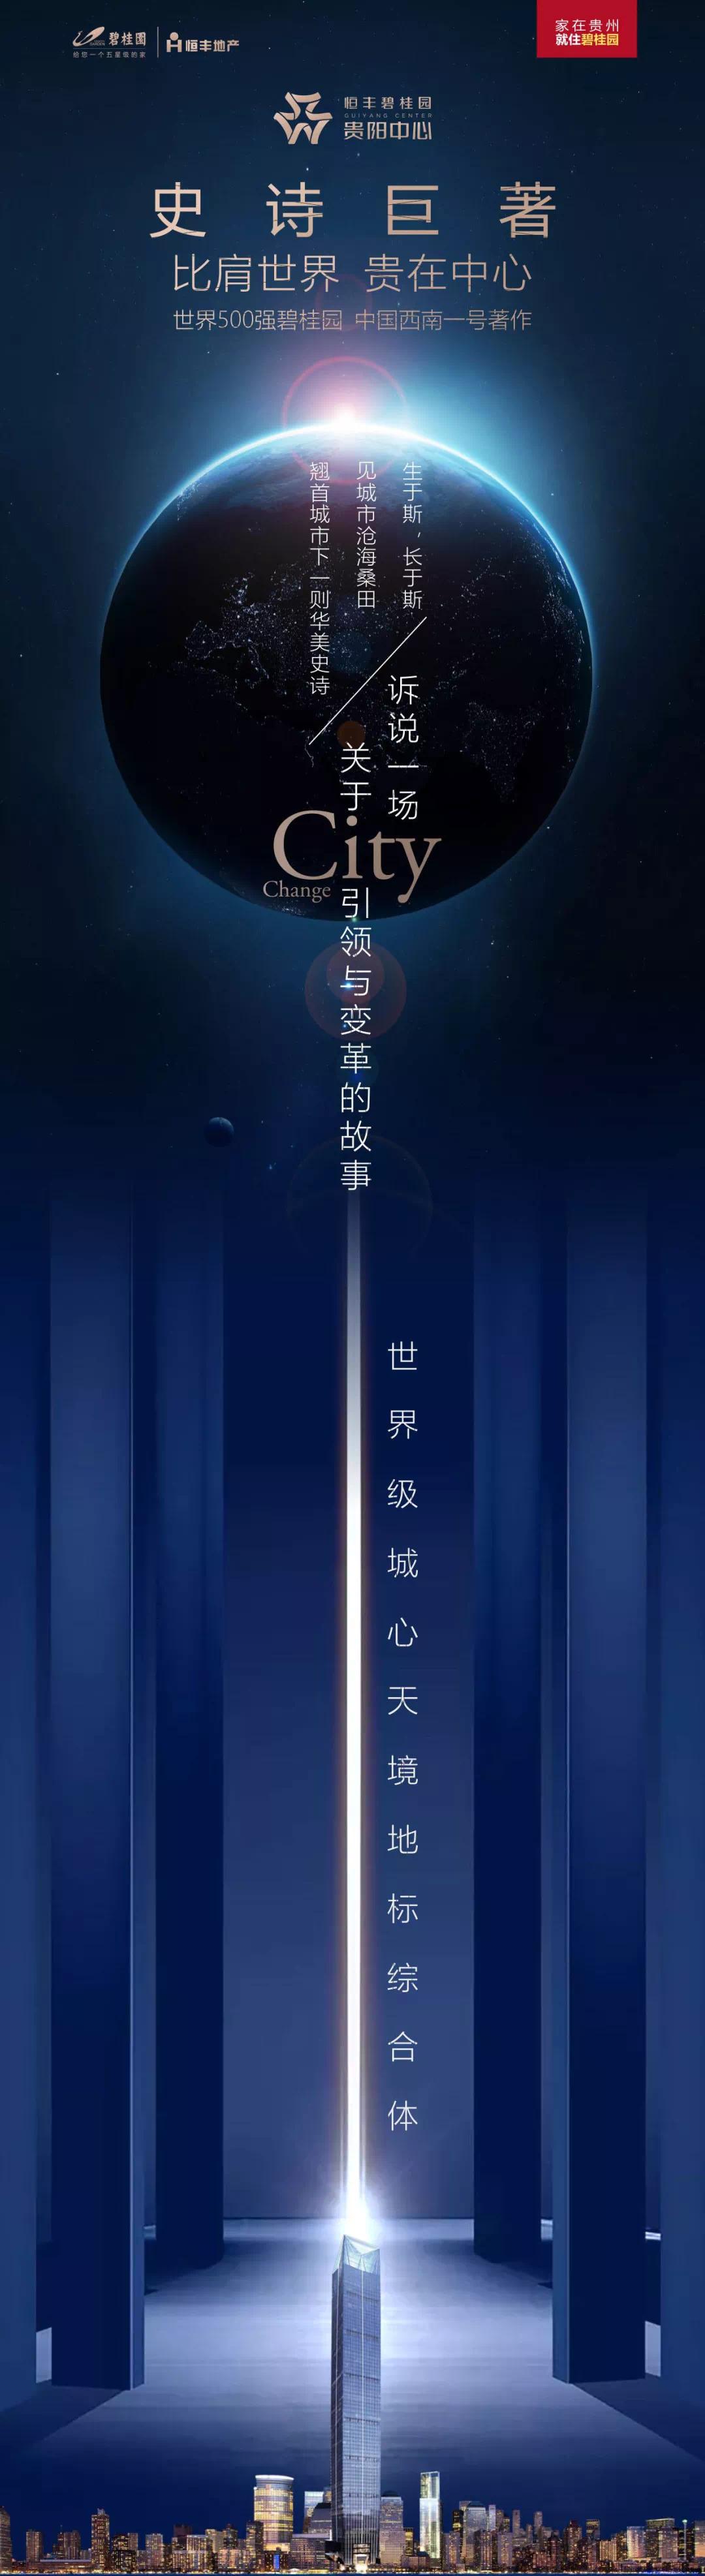 恒丰碧桂园·贵阳中心丨恭迎世界贵族—寺库,落子贵阳中心